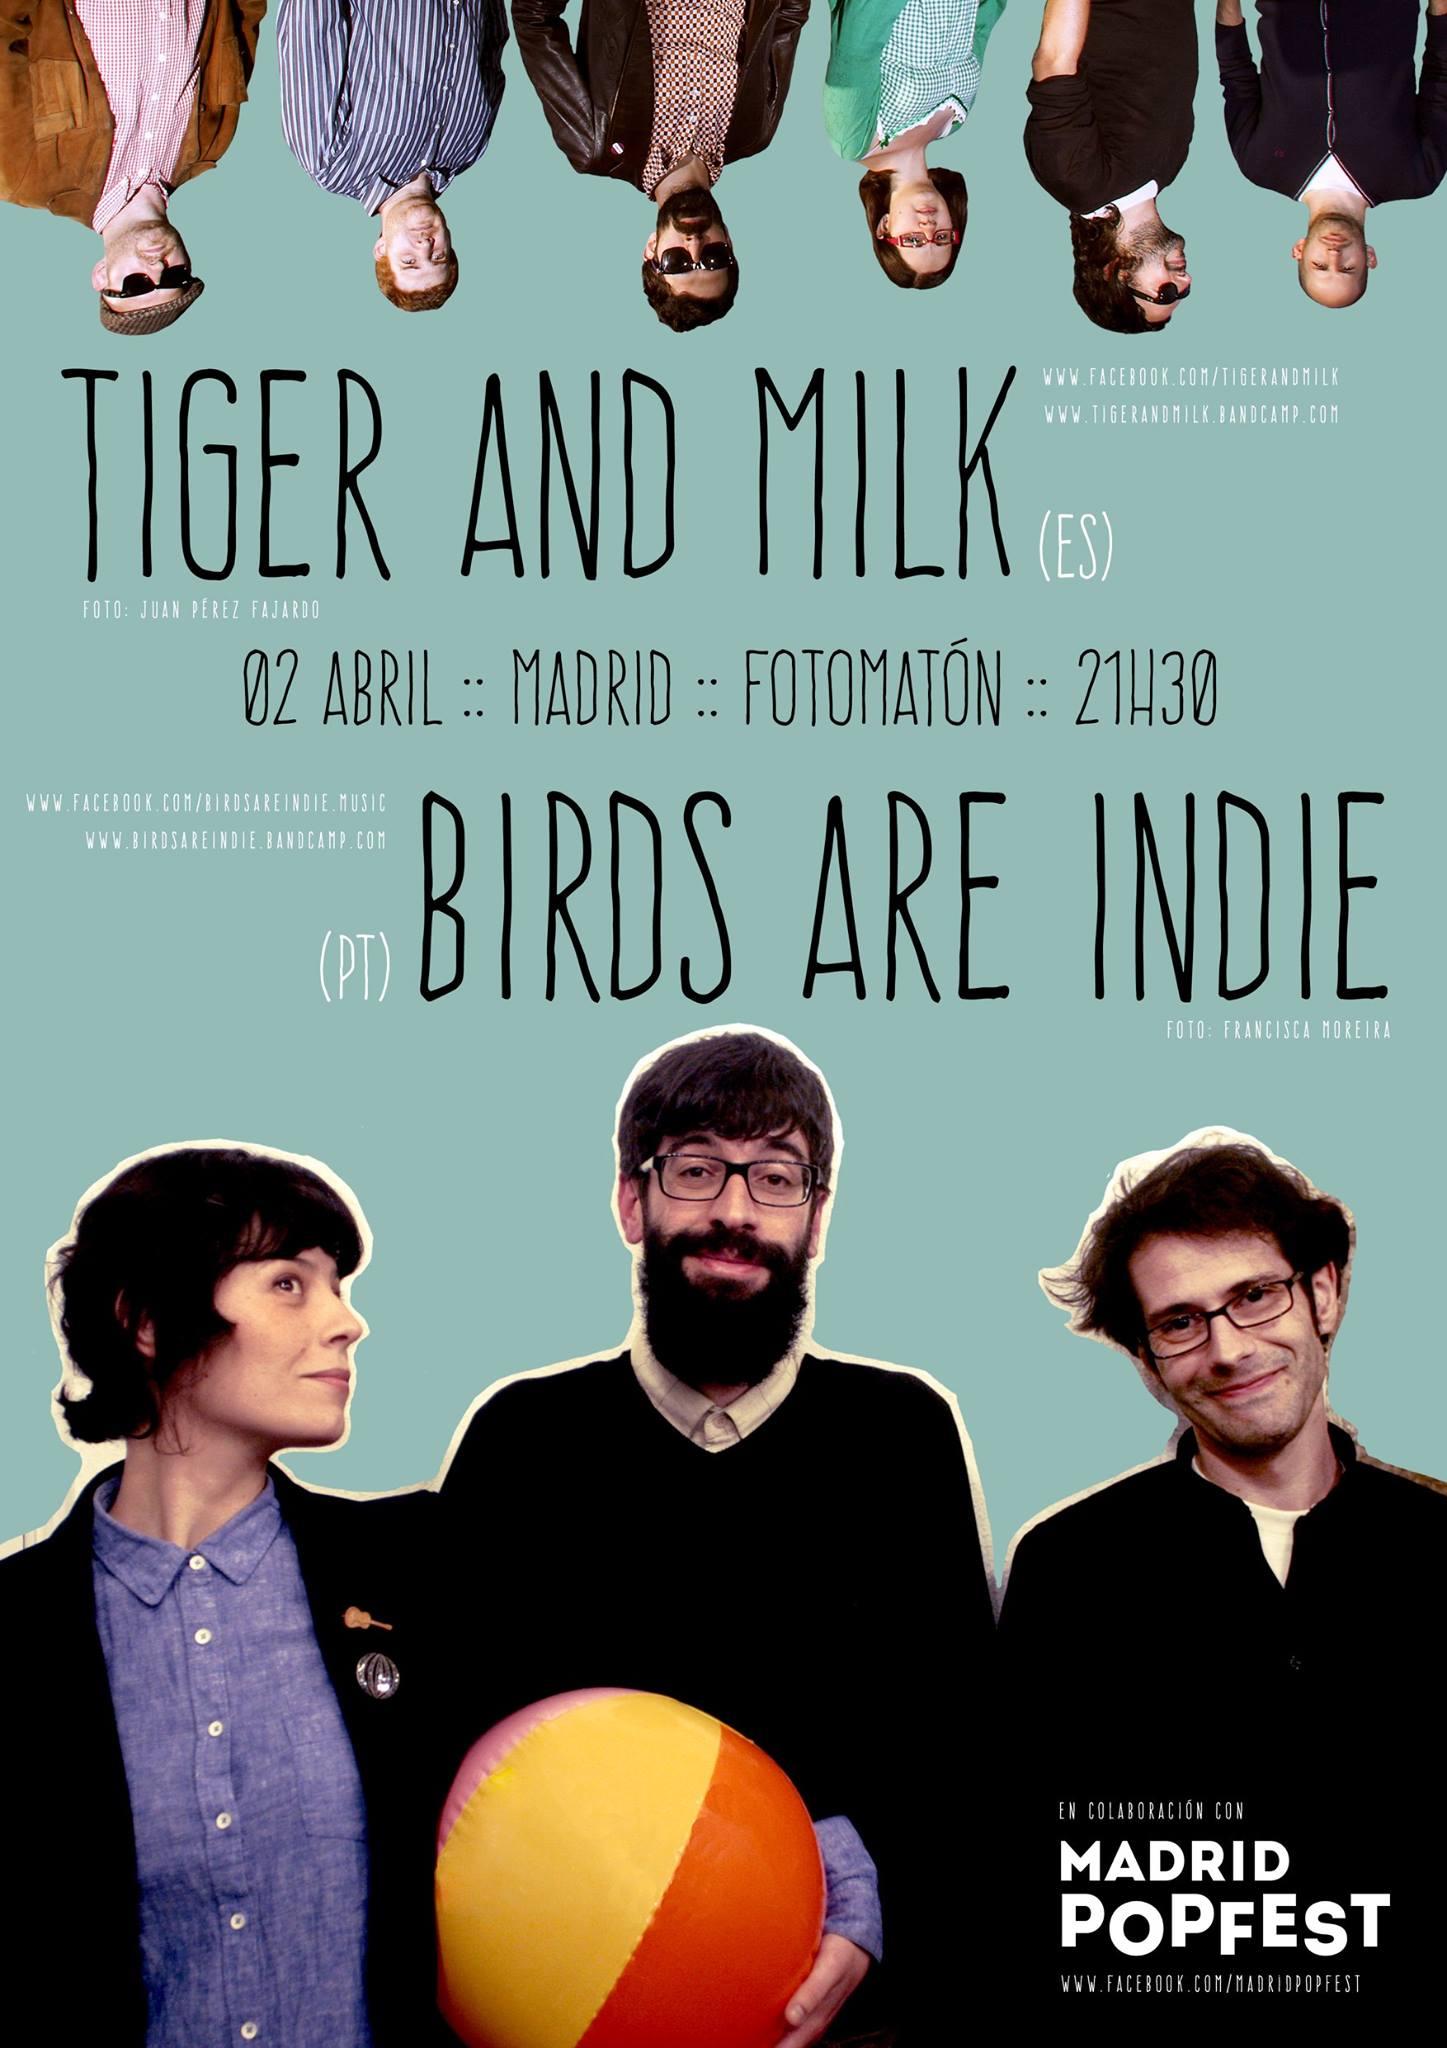 Birds are indie en concierto en Madrid